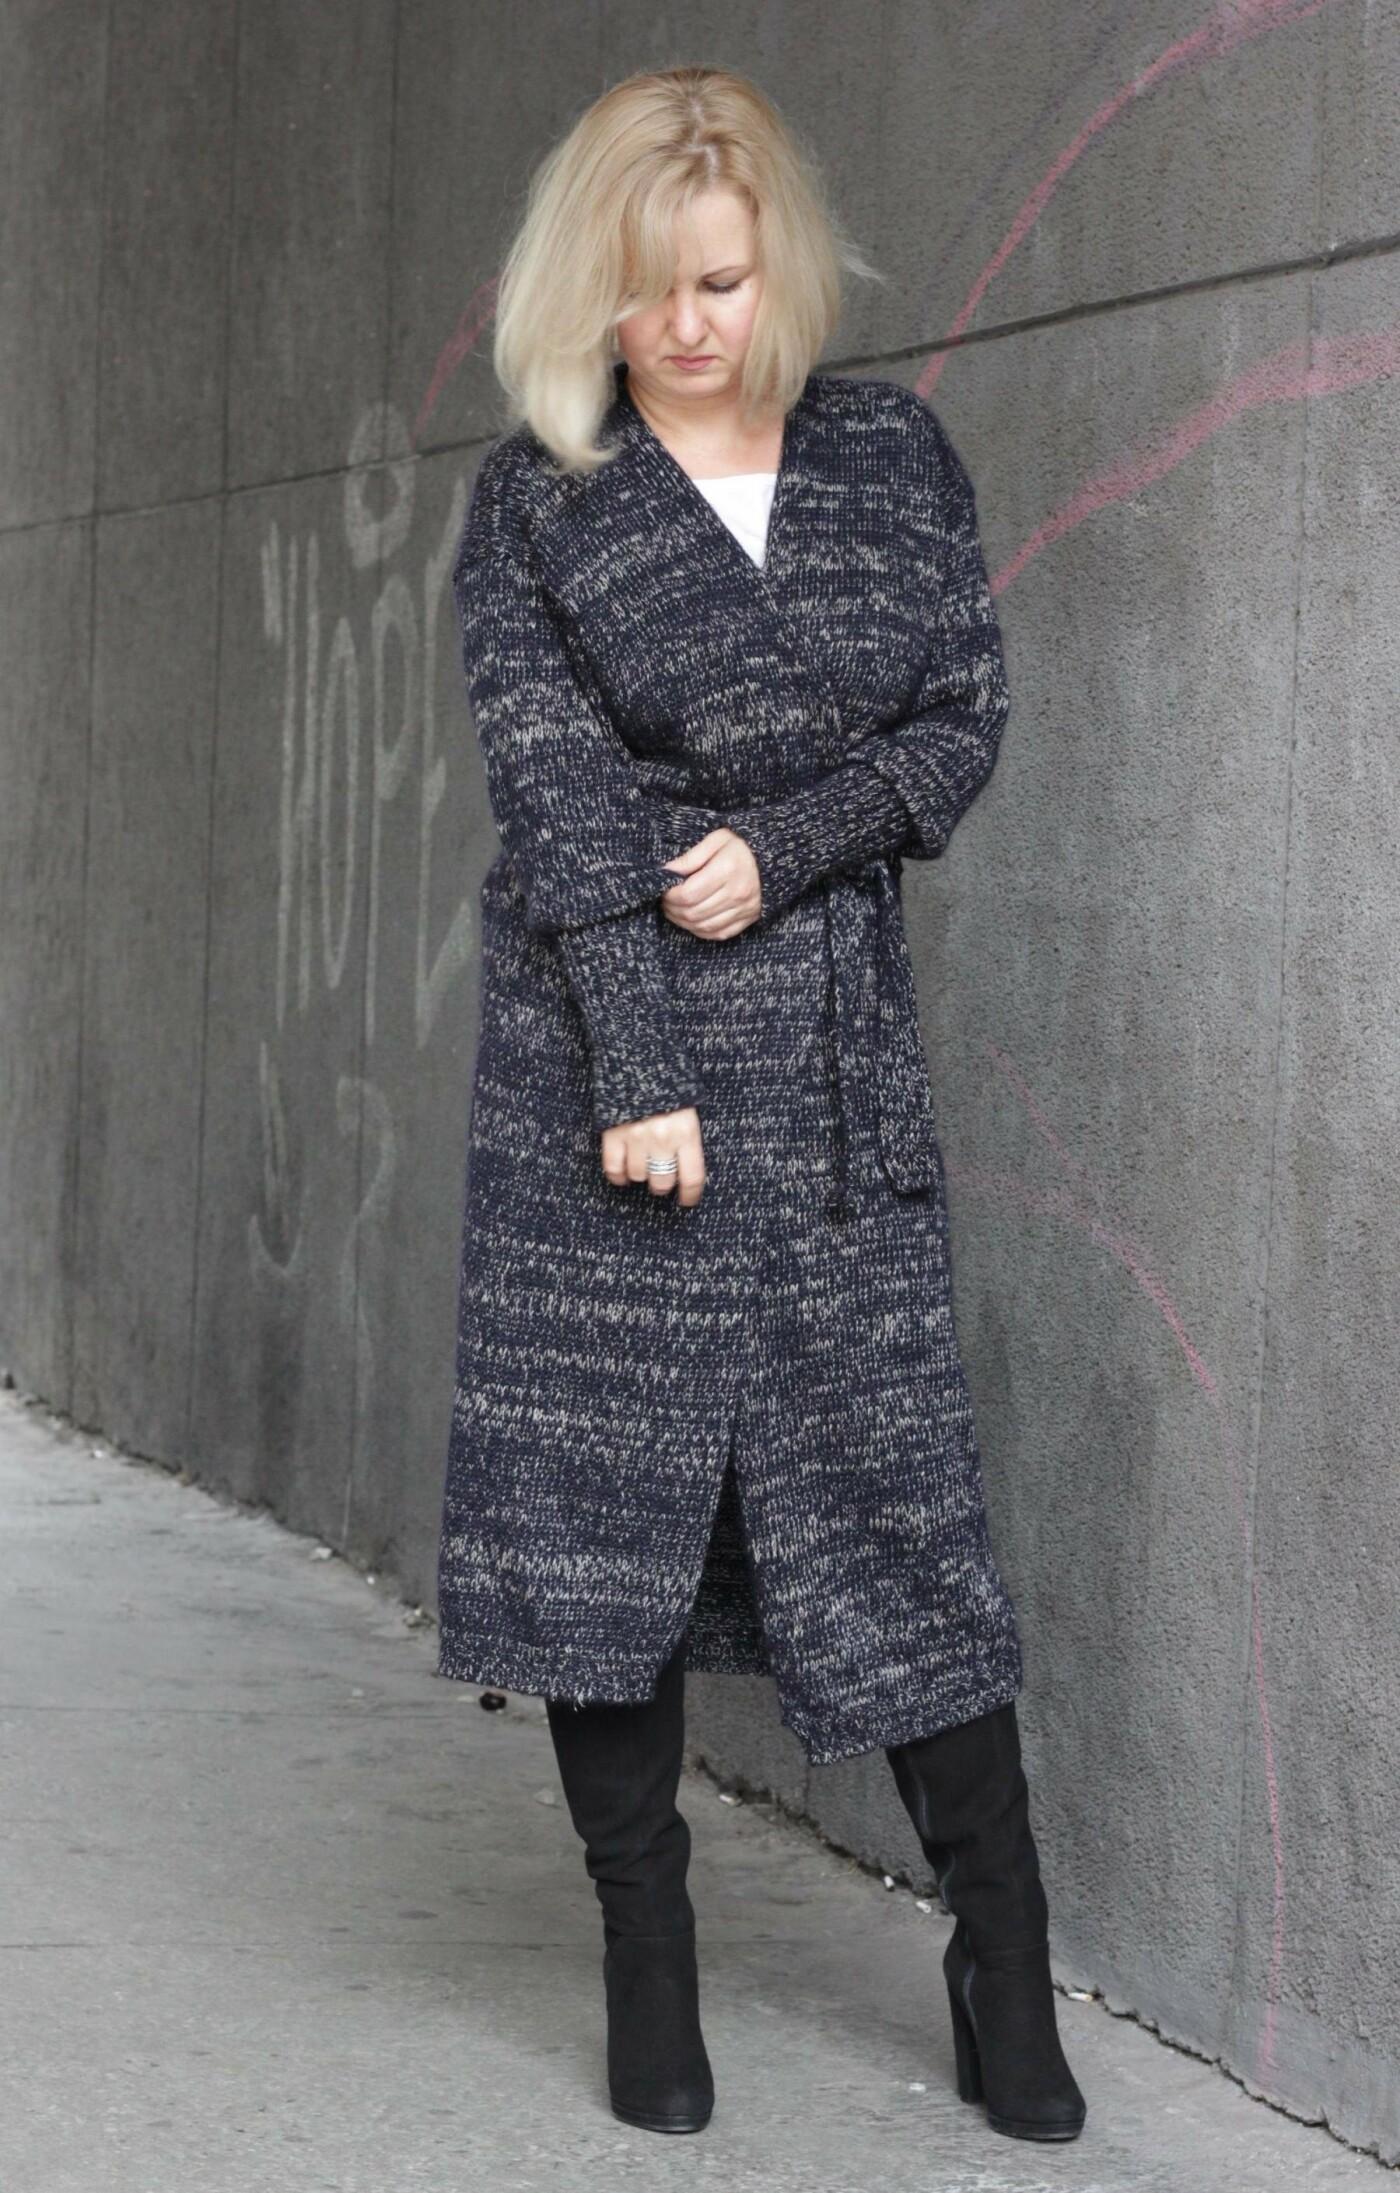 «Я вяжу уже более 50 лет и до сих пор засиживаюсь ночами со спицами» – мастерица из Днепра о вязании, семейном бренде и знаменитых клиентах, фото-18